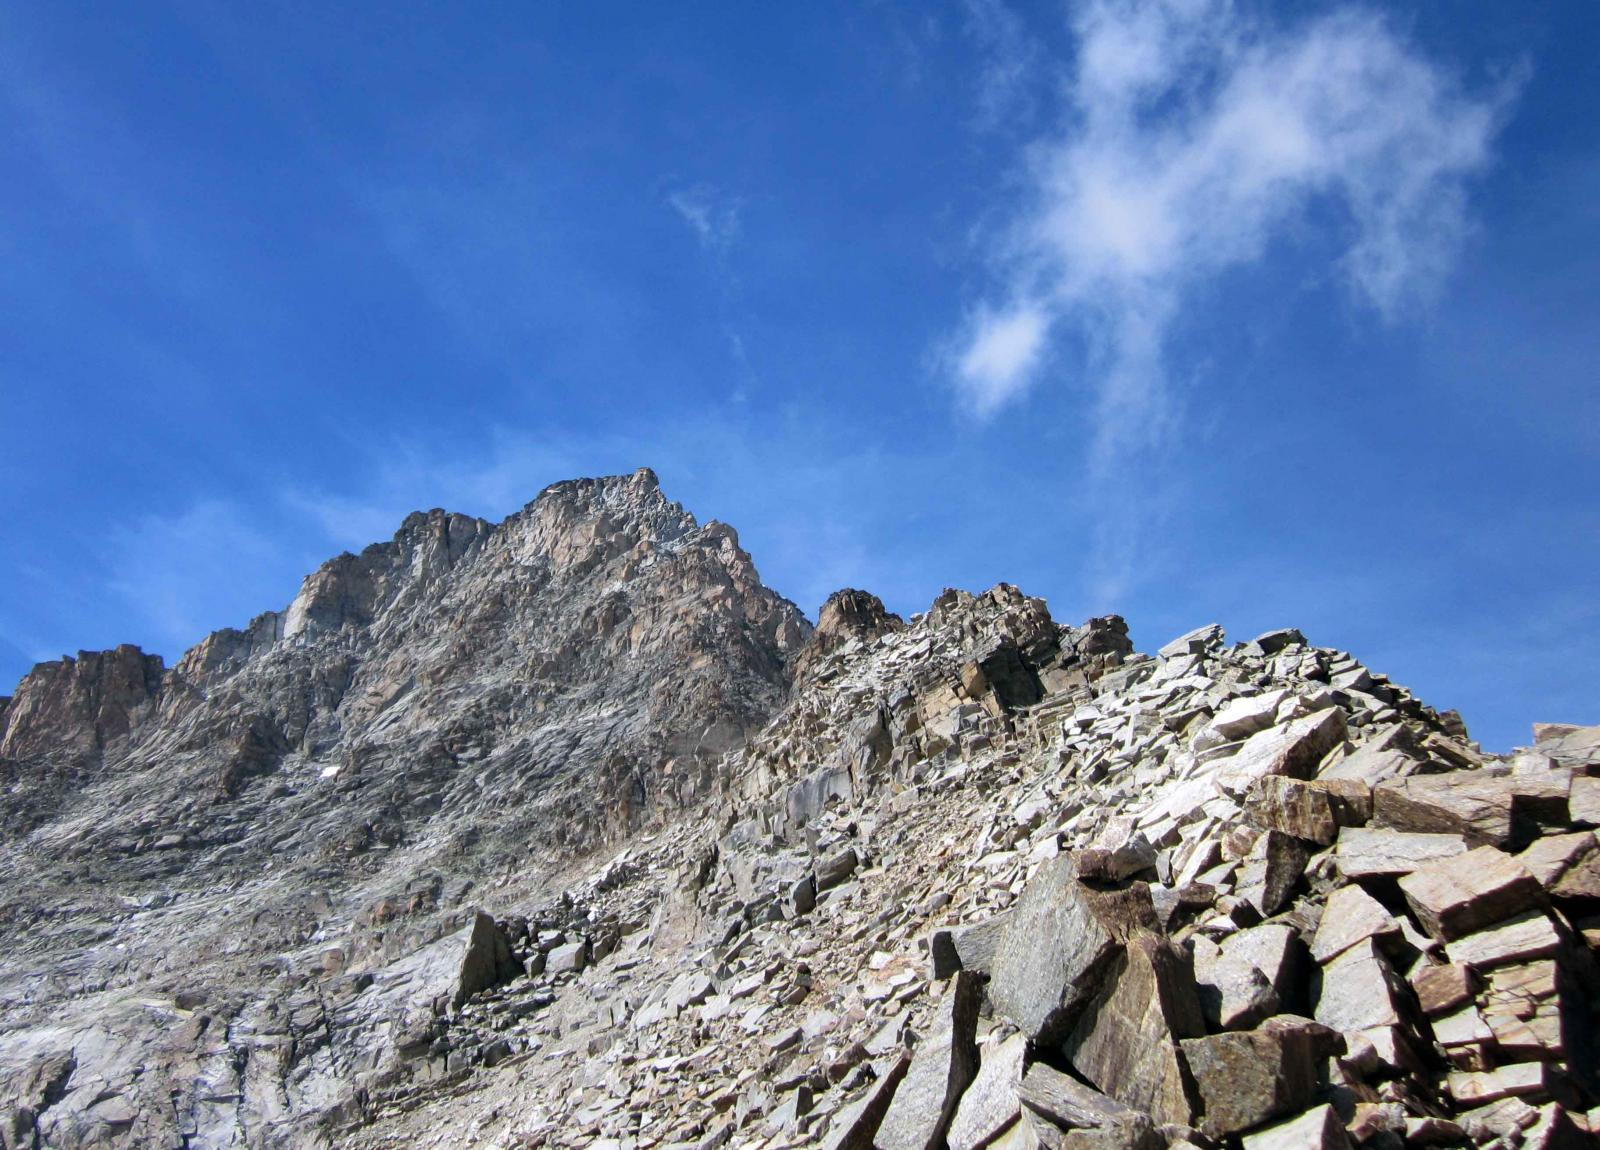 la cresta vista dal colle della torre